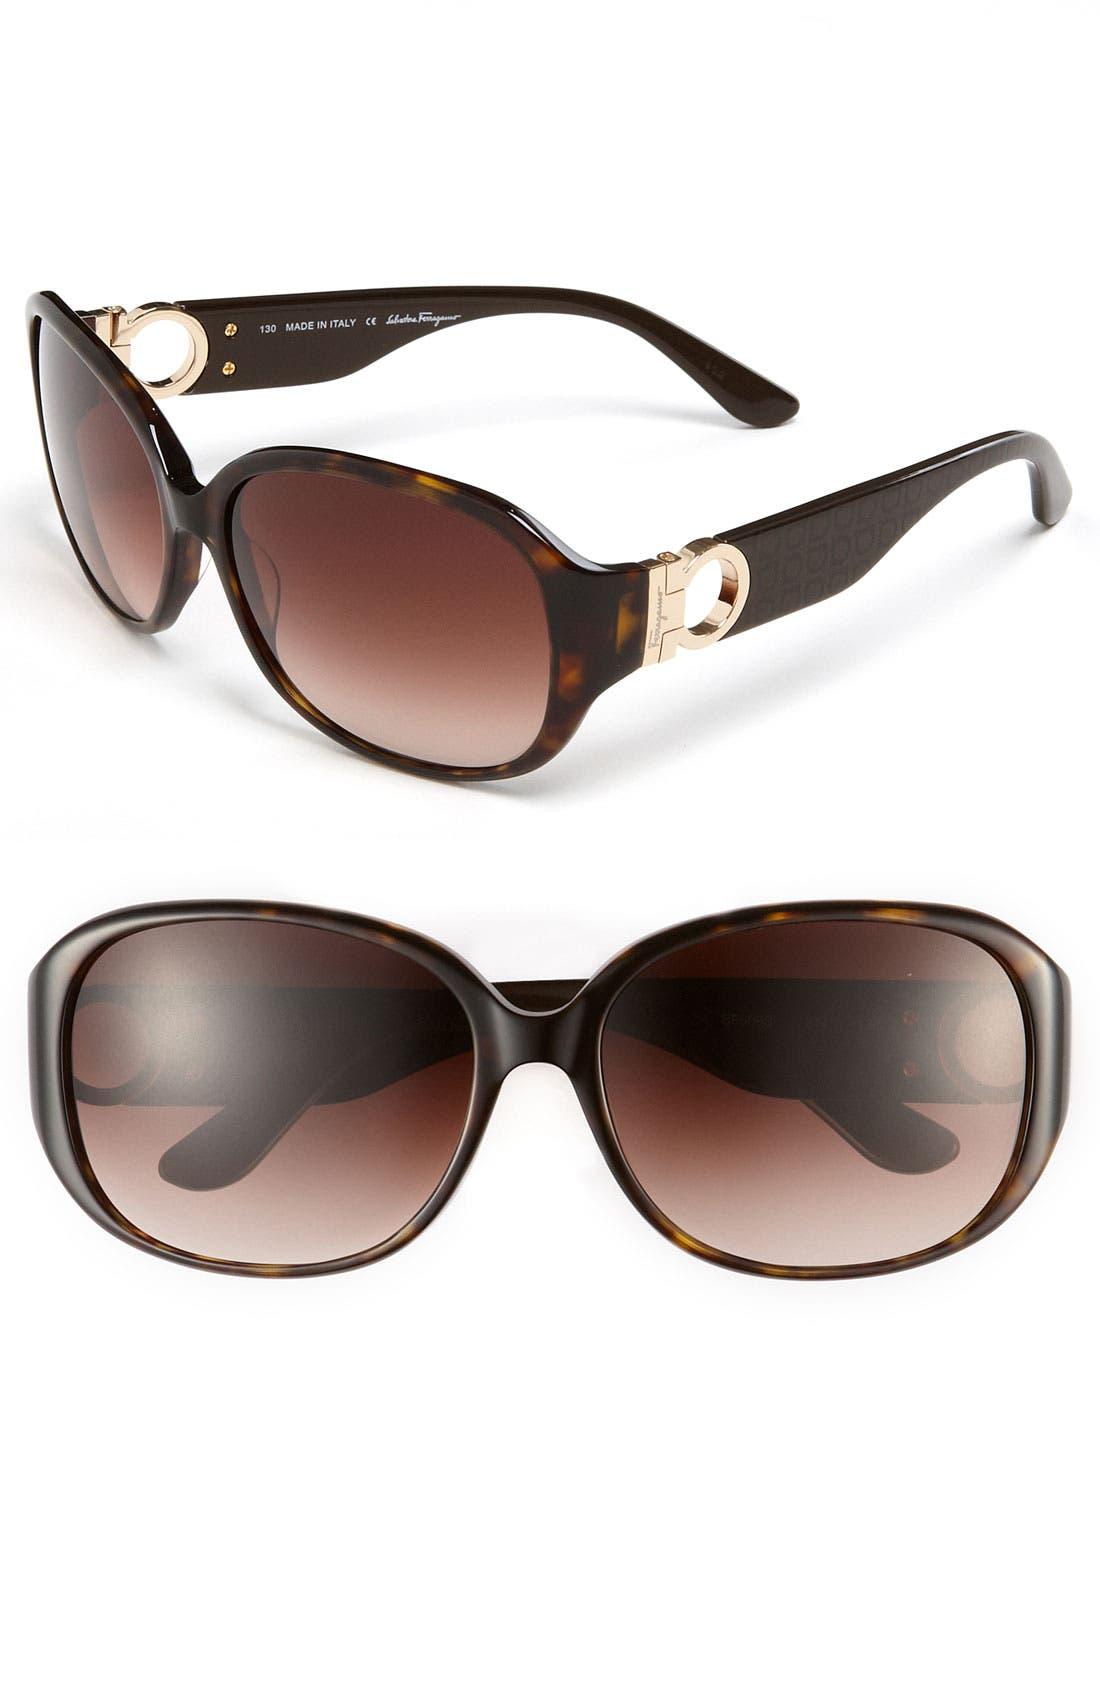 Alternate Image 1 Selected - Salvatore Ferragamo 59mm Classic Sunglasses